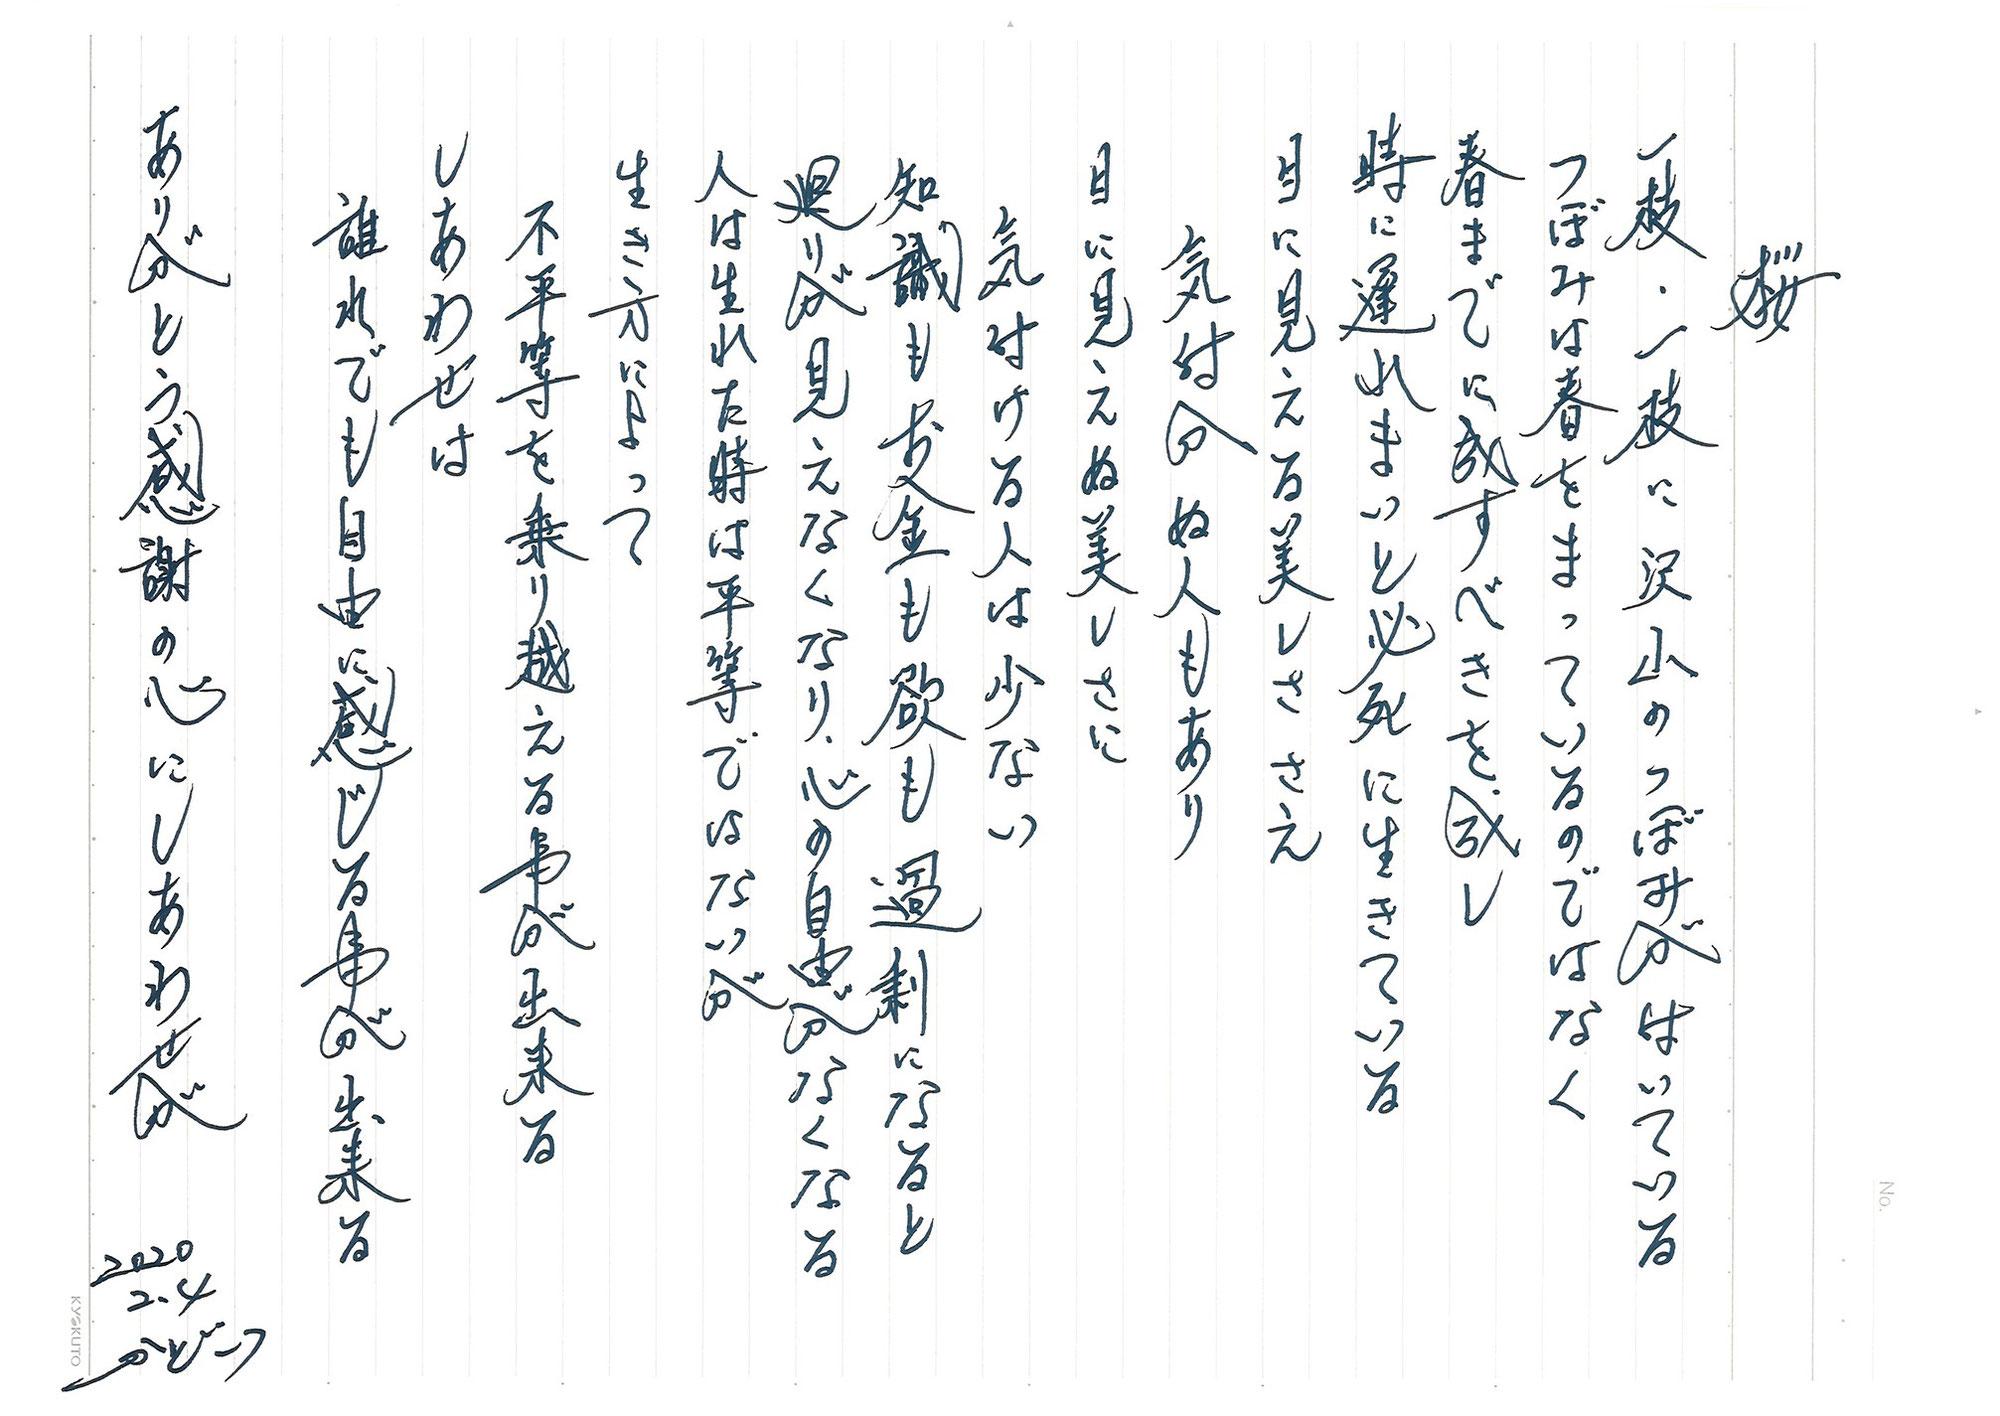 会長門井の熱い気持ち ~その8~ 桜